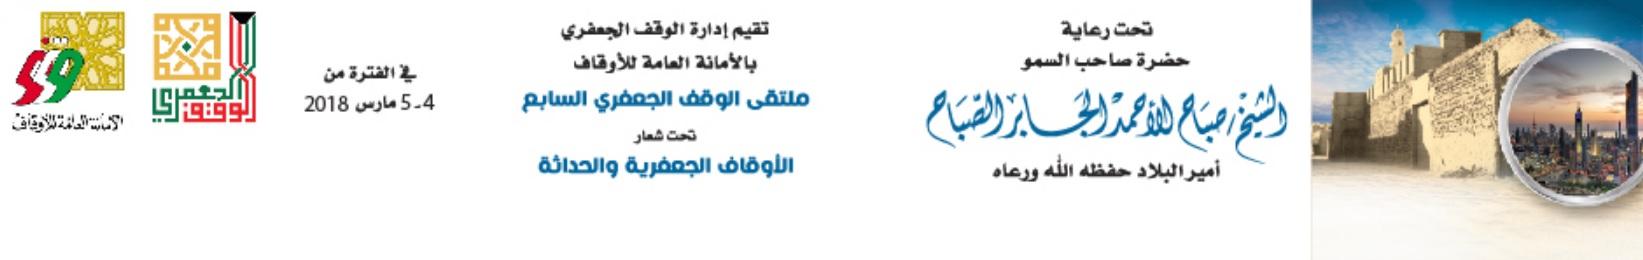 ملتقى الوقف الجعفري السابع تحت شعار الأوقاف الجعفر ...